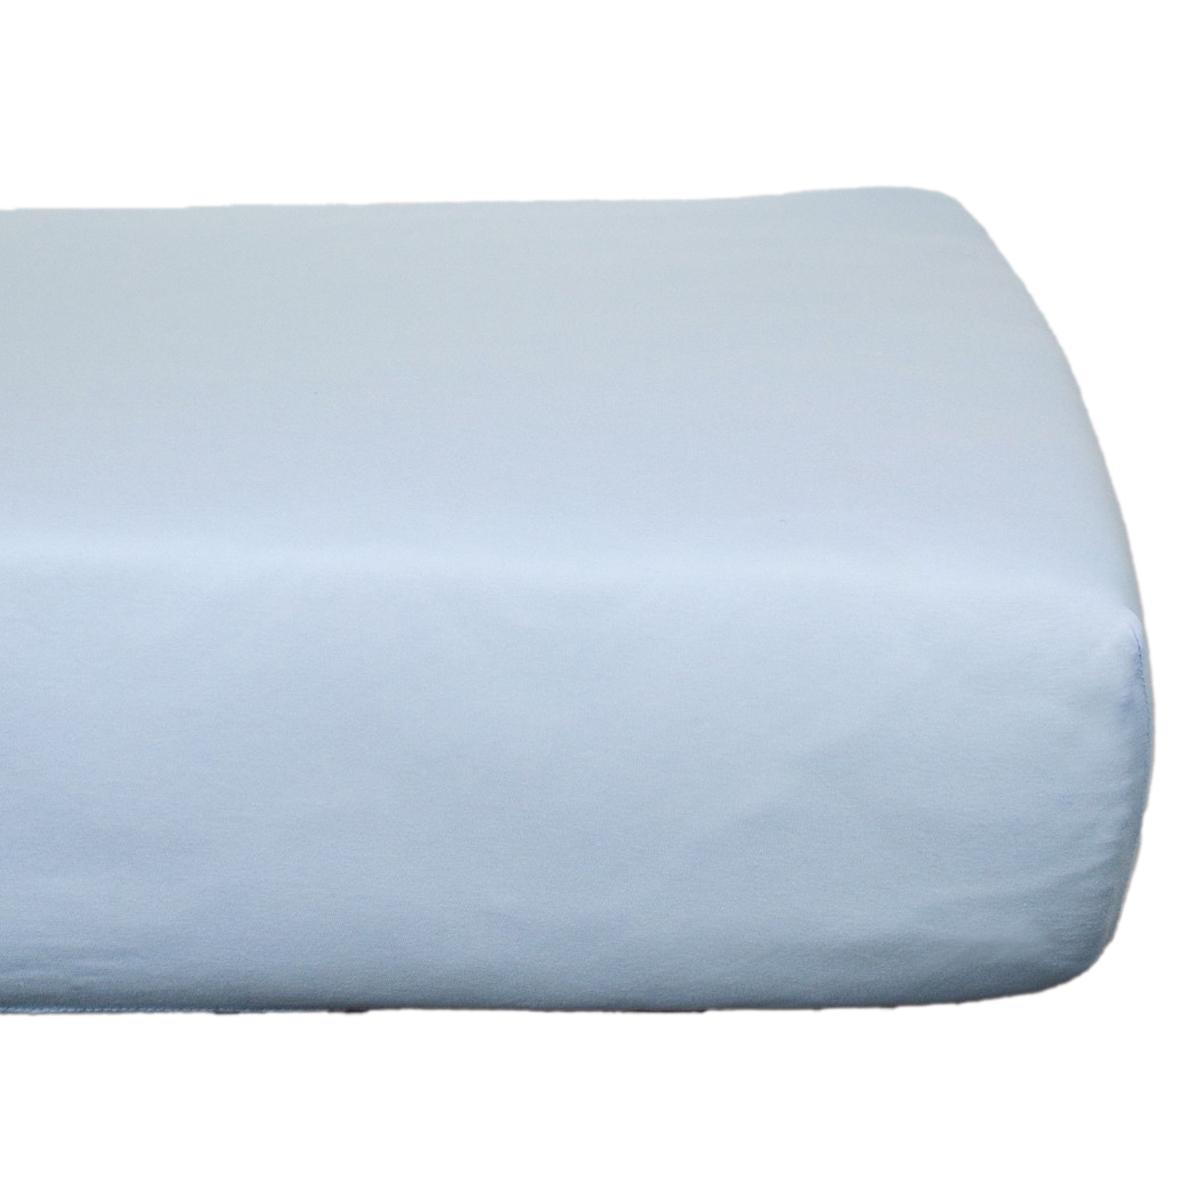 Linge de lit Drap Housse en Coton Bio Bleu Pastel - 60 x 120 cm Drap Housse en Coton Bio Bleu Pastel - 60 x 120 cm